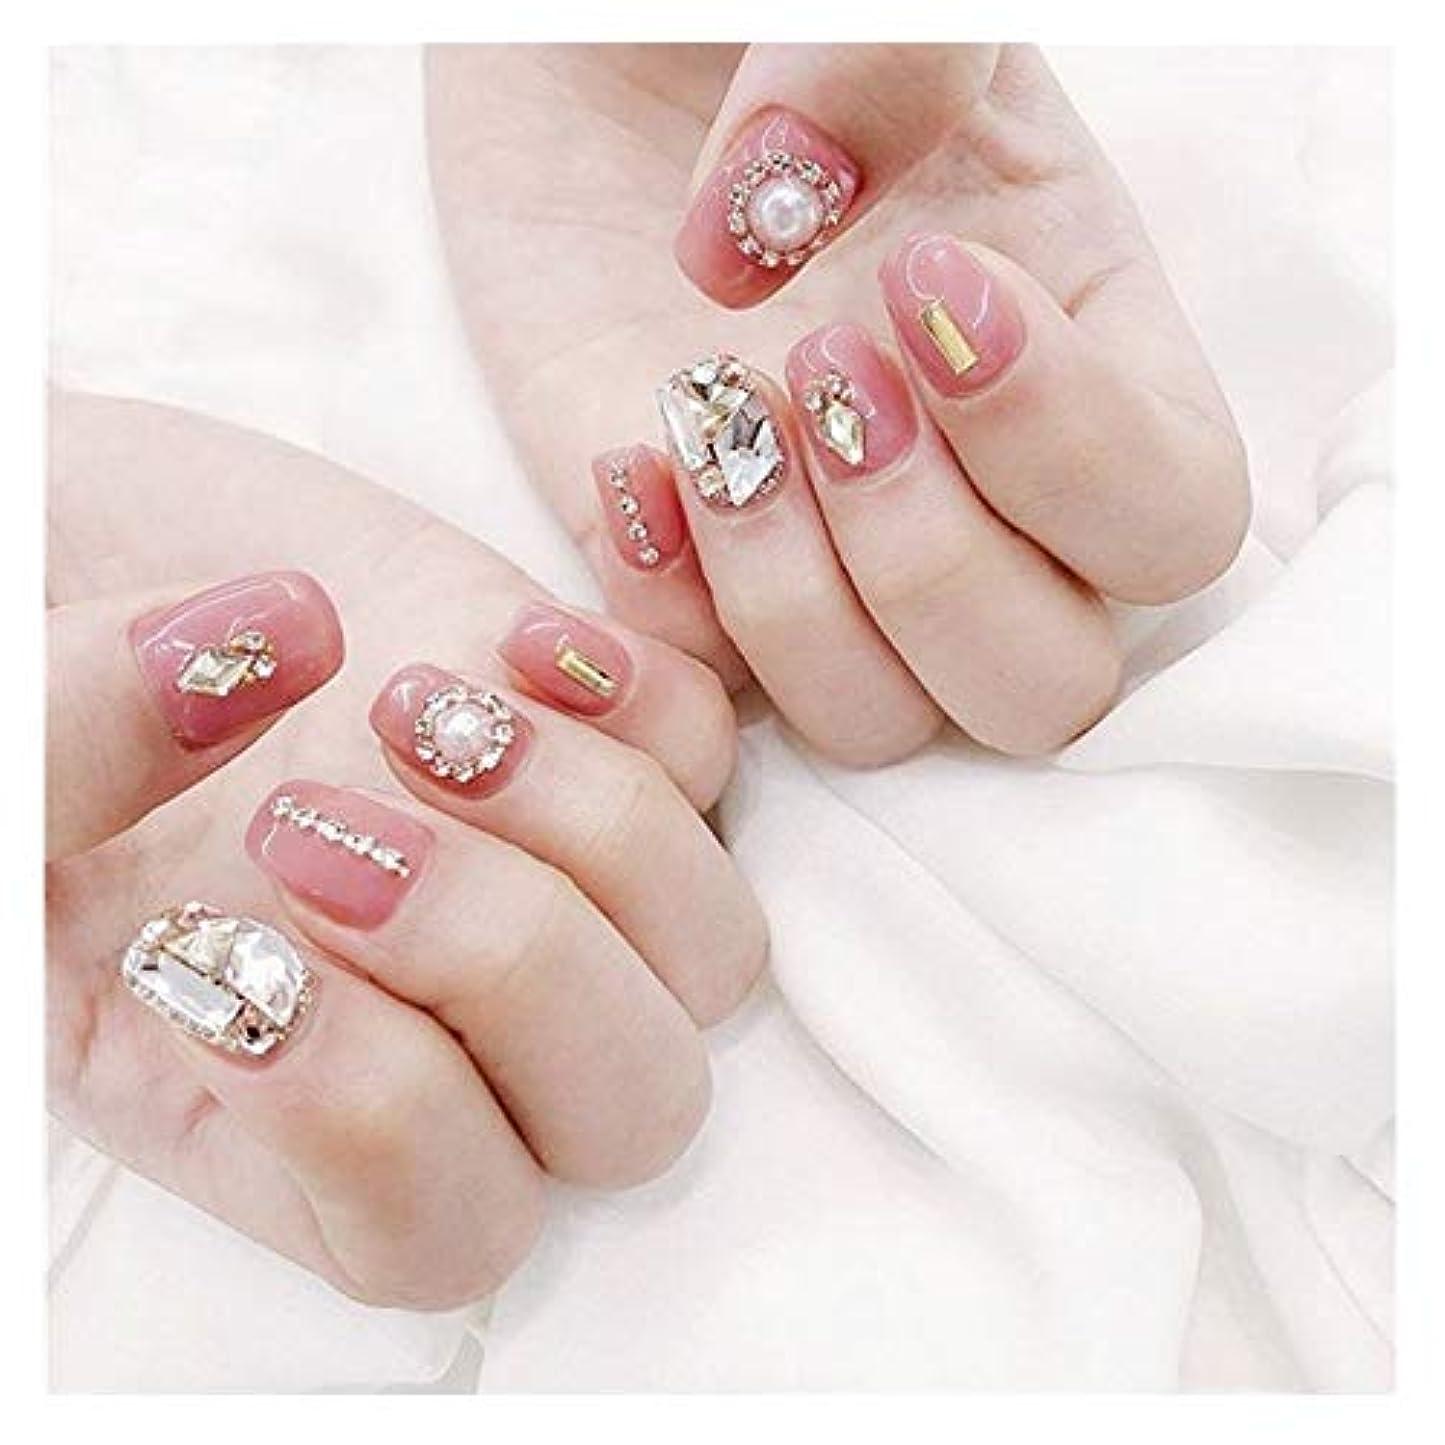 類似性時計気質LVUITTON ダイヤモンドのり偽の爪ピンクのかわいい花嫁フォトスタジオ完成ネイル偽の釘 (色 : 24 pieces)